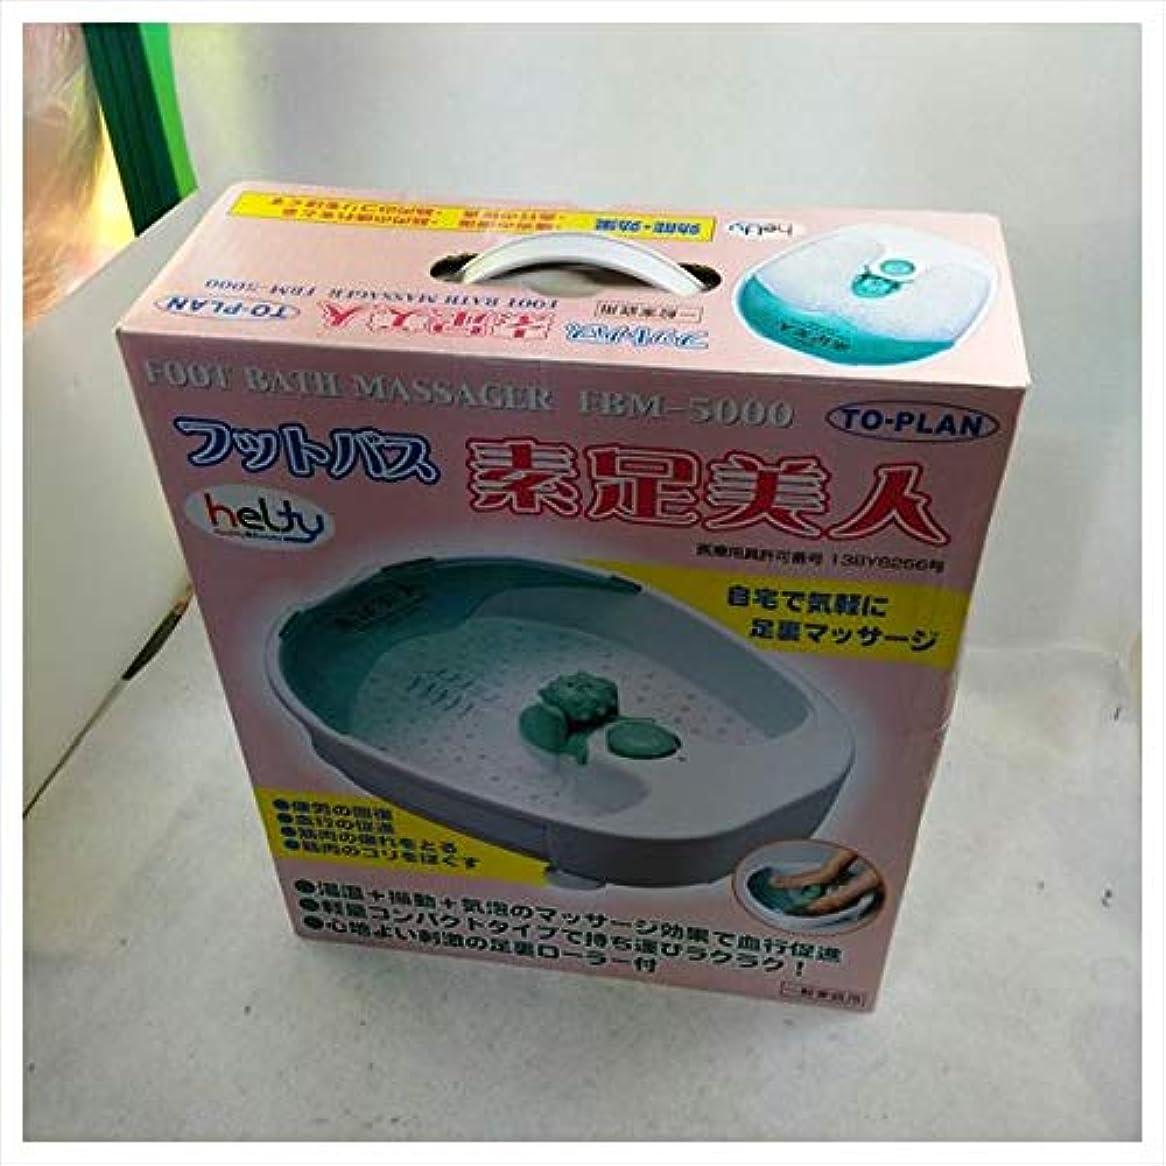 メロン取得する絶望的な東京企画 フットバス 素足美人 FBM-5000